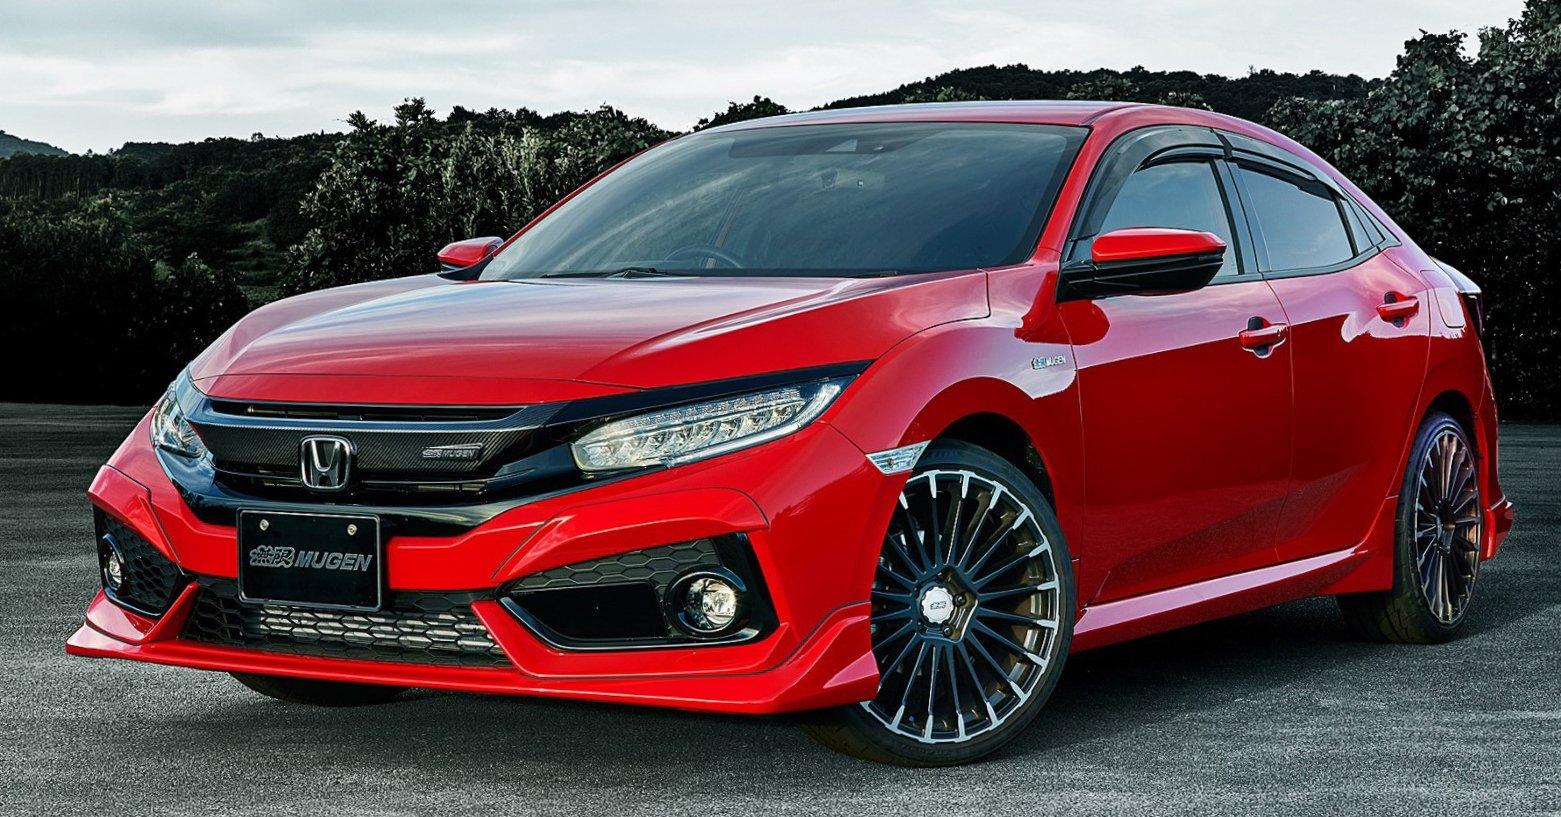 Hãng độ Mugen tung gói tuỳ chọn thể thao dành cho Honda Civic